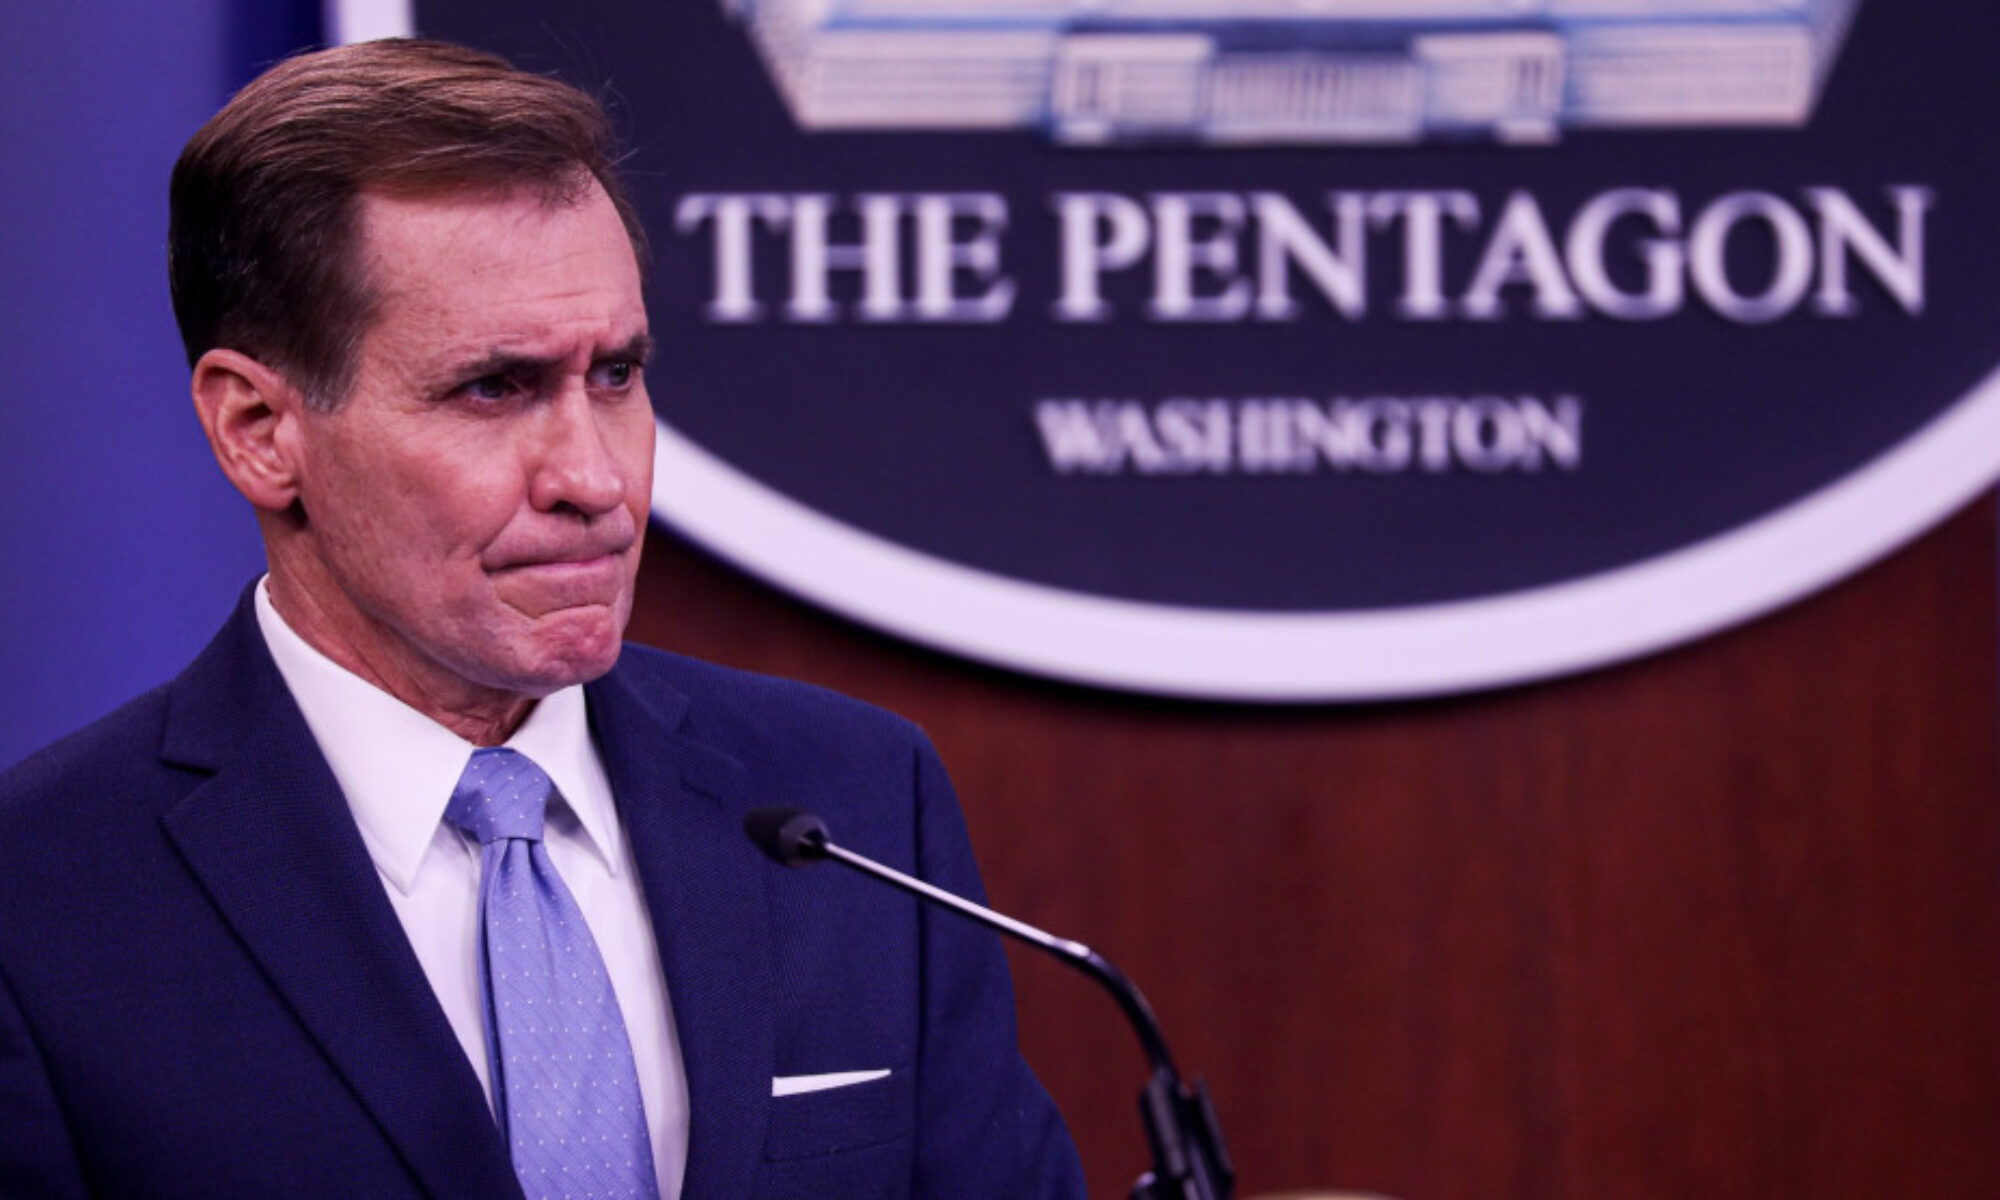 Pentagon sözcüsü Kirby: Erbil saldırısına doğru zaman ve doğru yerde karşılık vereceğiz